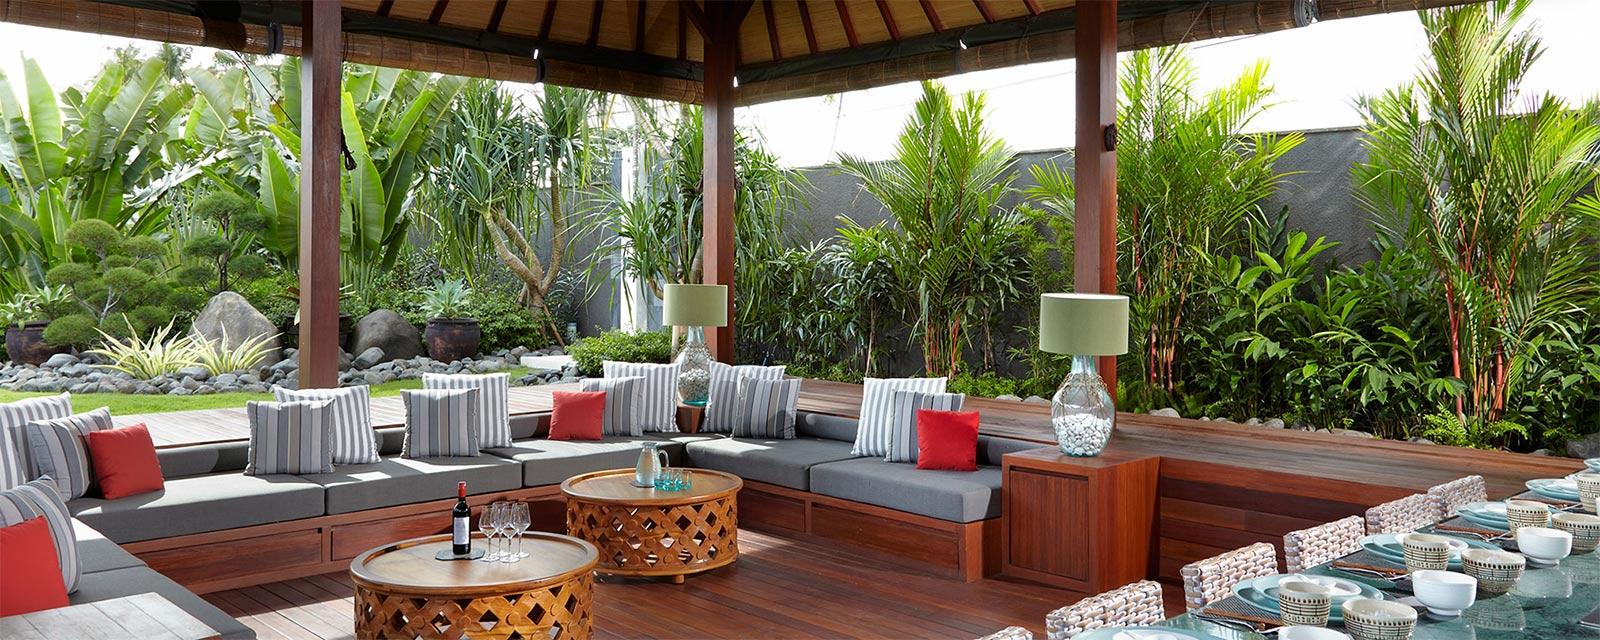 Full Size of Bali Bett Outdoor Kaufen Rückenlehne Komplett Betten Weiß Mit Bettkasten Designer Poco Weißes 200x180 Jugendzimmer Topper Romantisches 140x220 Breckle Test Wohnzimmer Bali Bett Outdoor